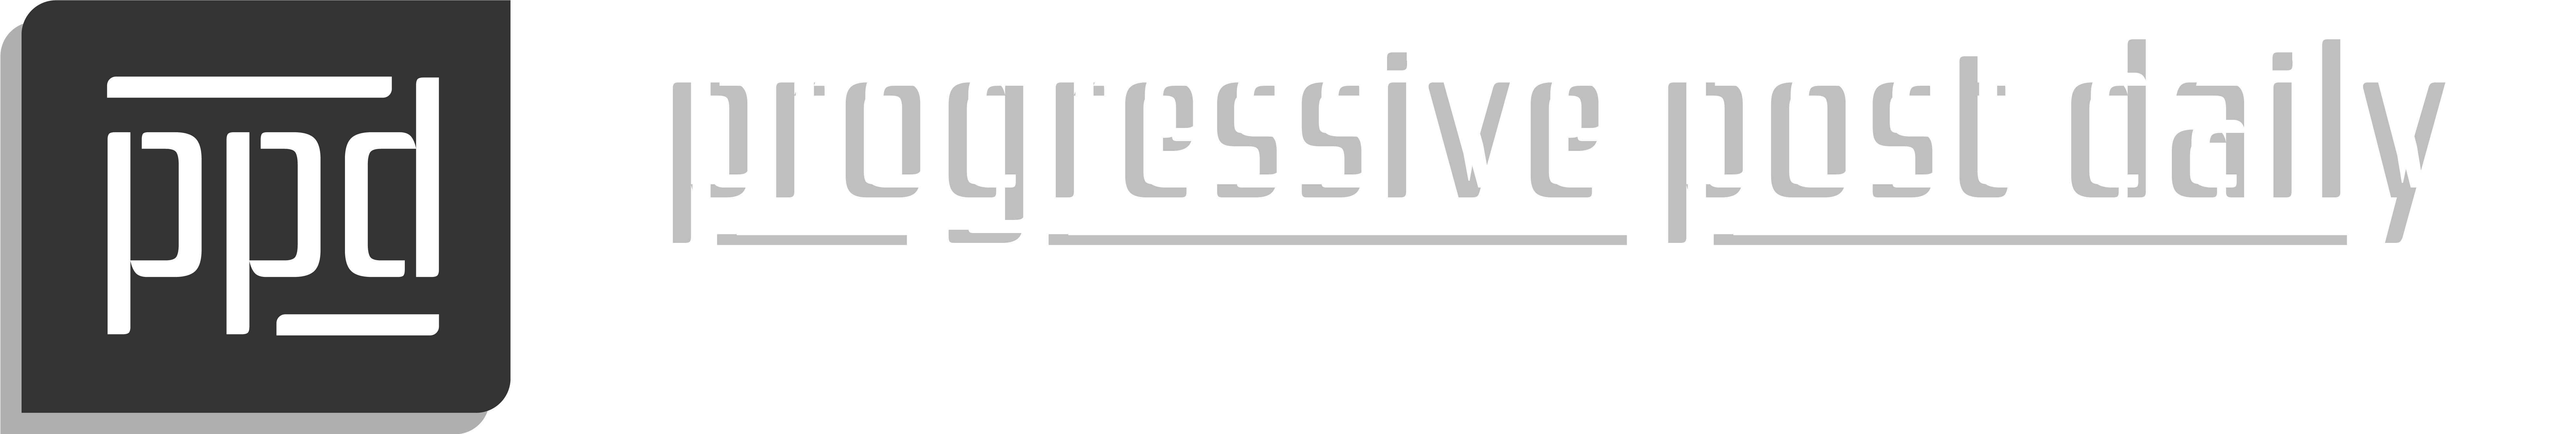 Progressive Post Daily